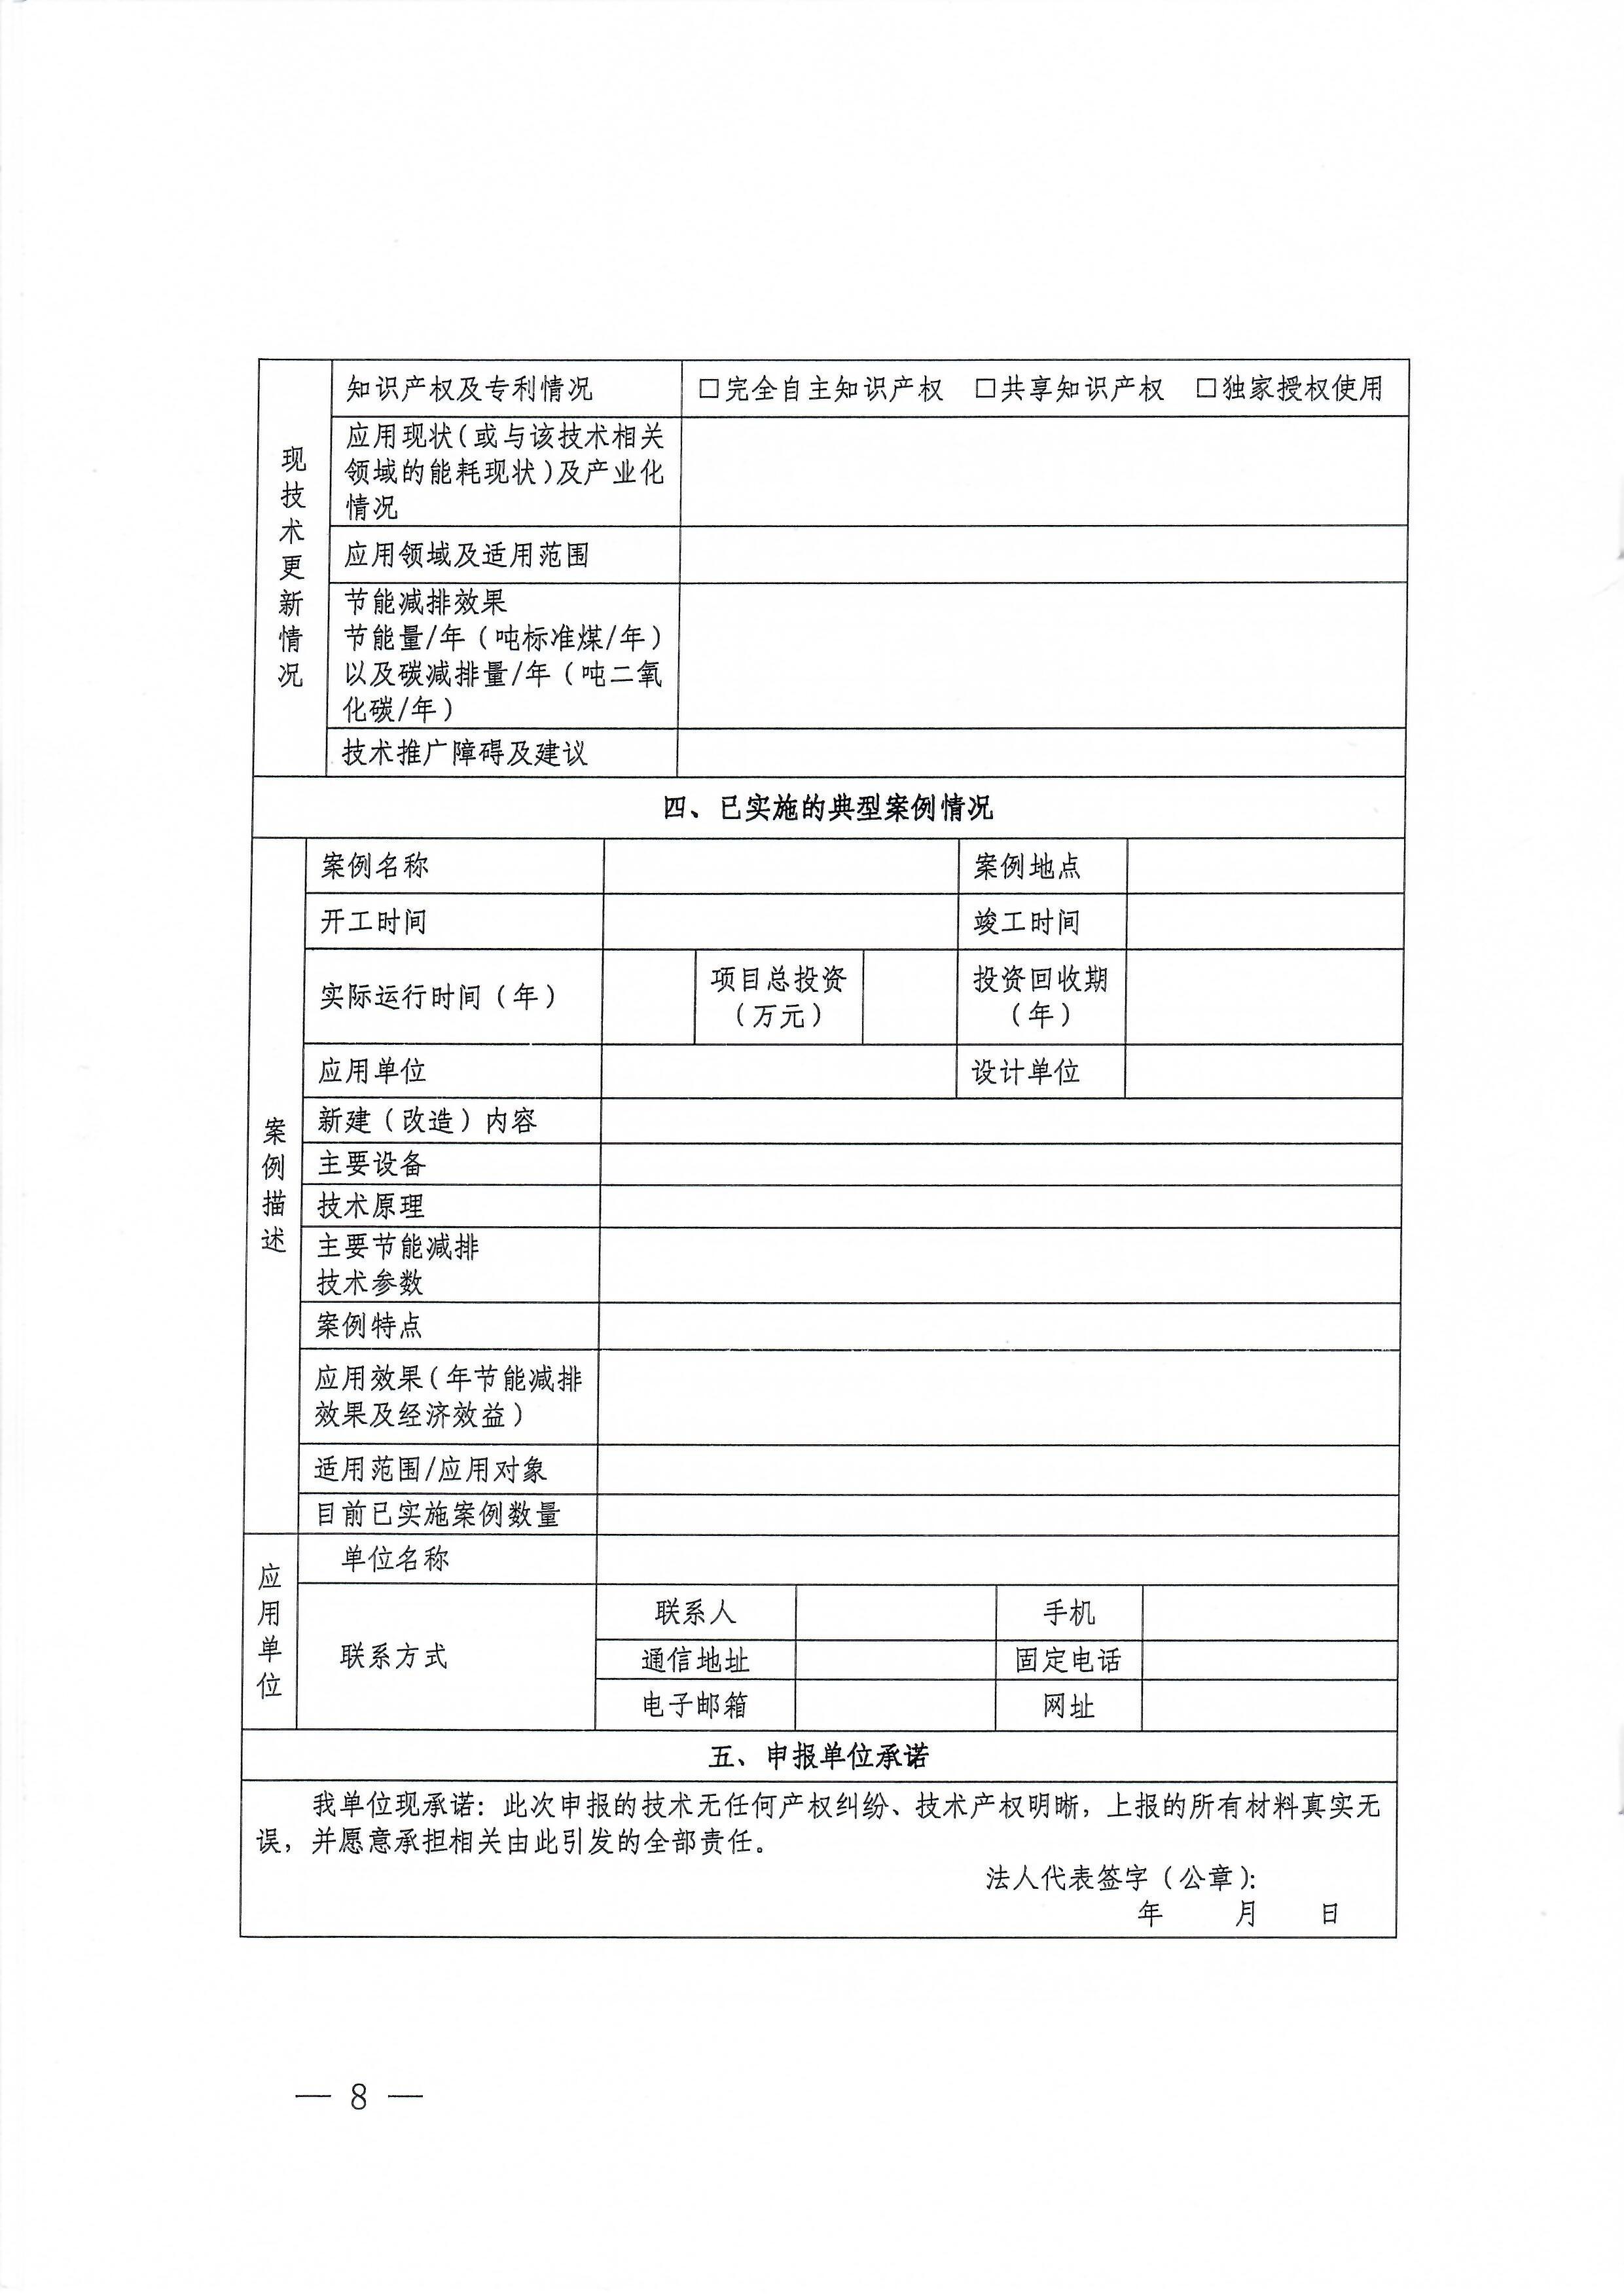 北京市节能技术产品征集通知_页面_08.jpg